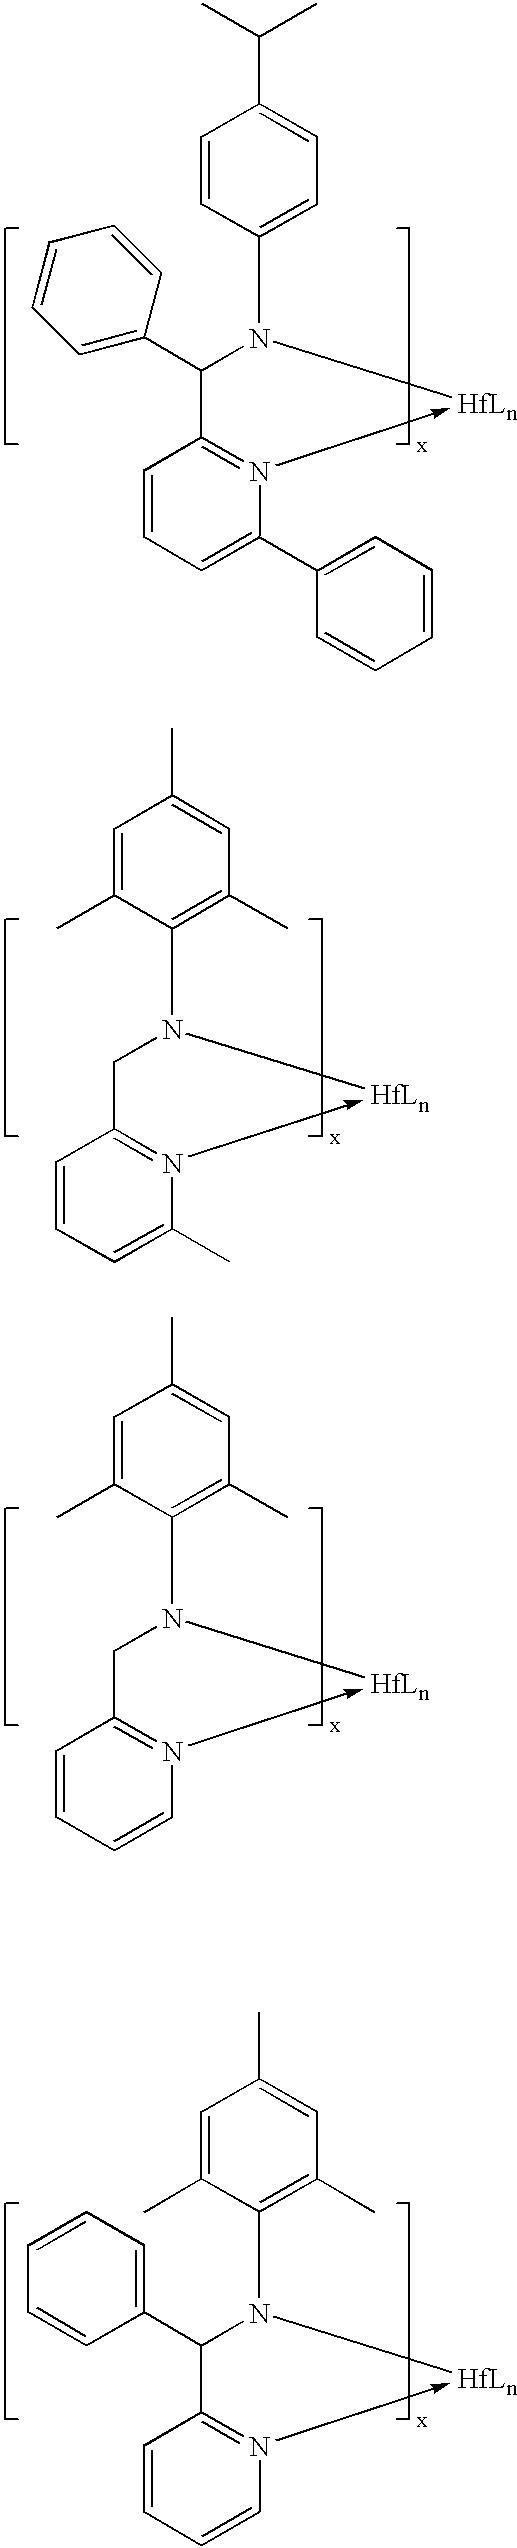 Figure US06906160-20050614-C00016